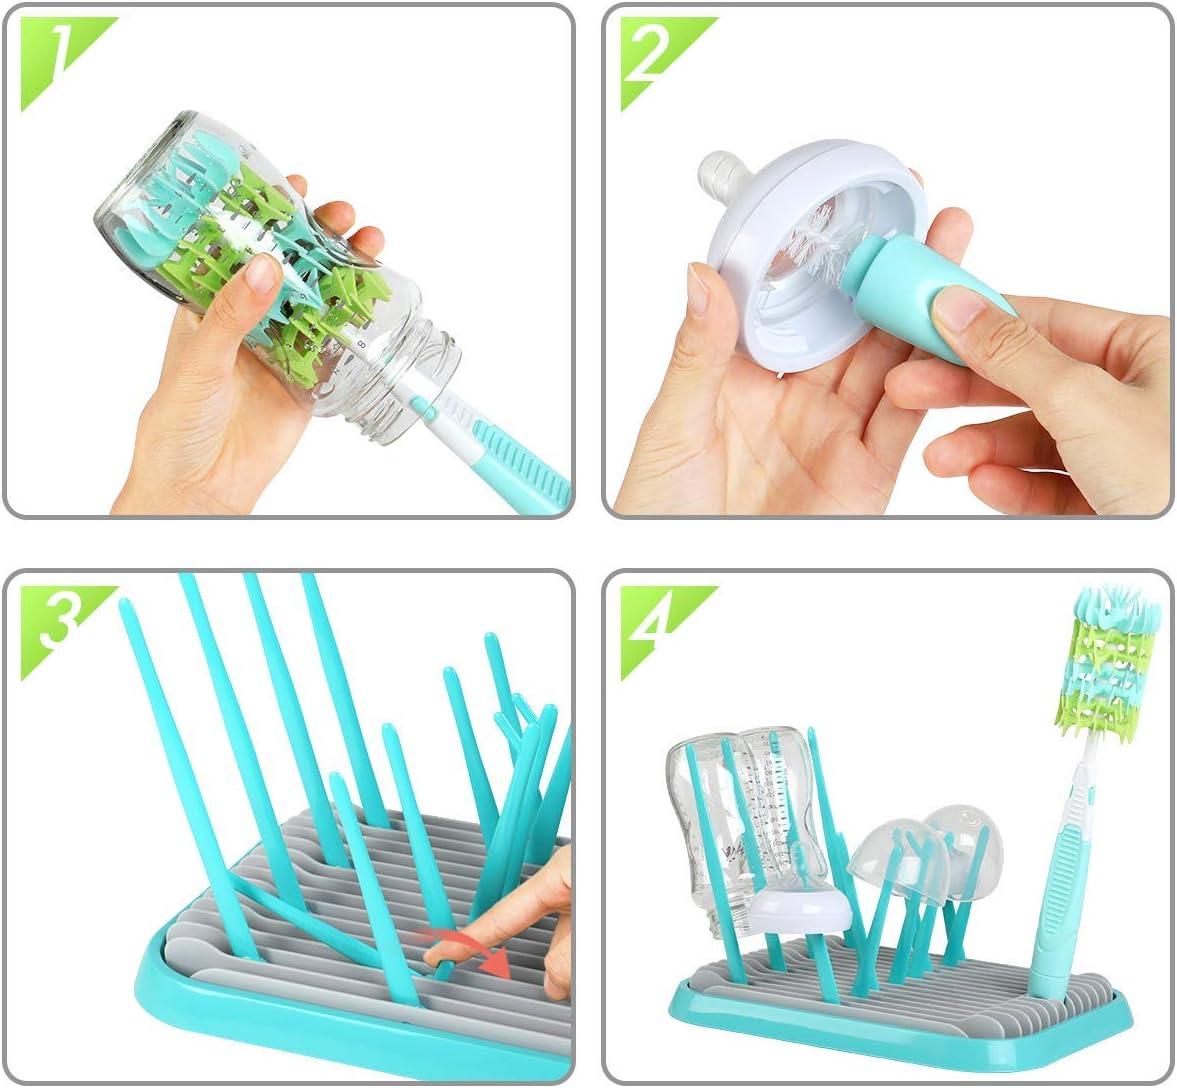 Estante de secado de botellas de beb/é antibacteriano secador verde almacenamiento de cubiertos de beb/é para biberones tazas de bebe y pezones soporte de vajilla para platos de beb/é